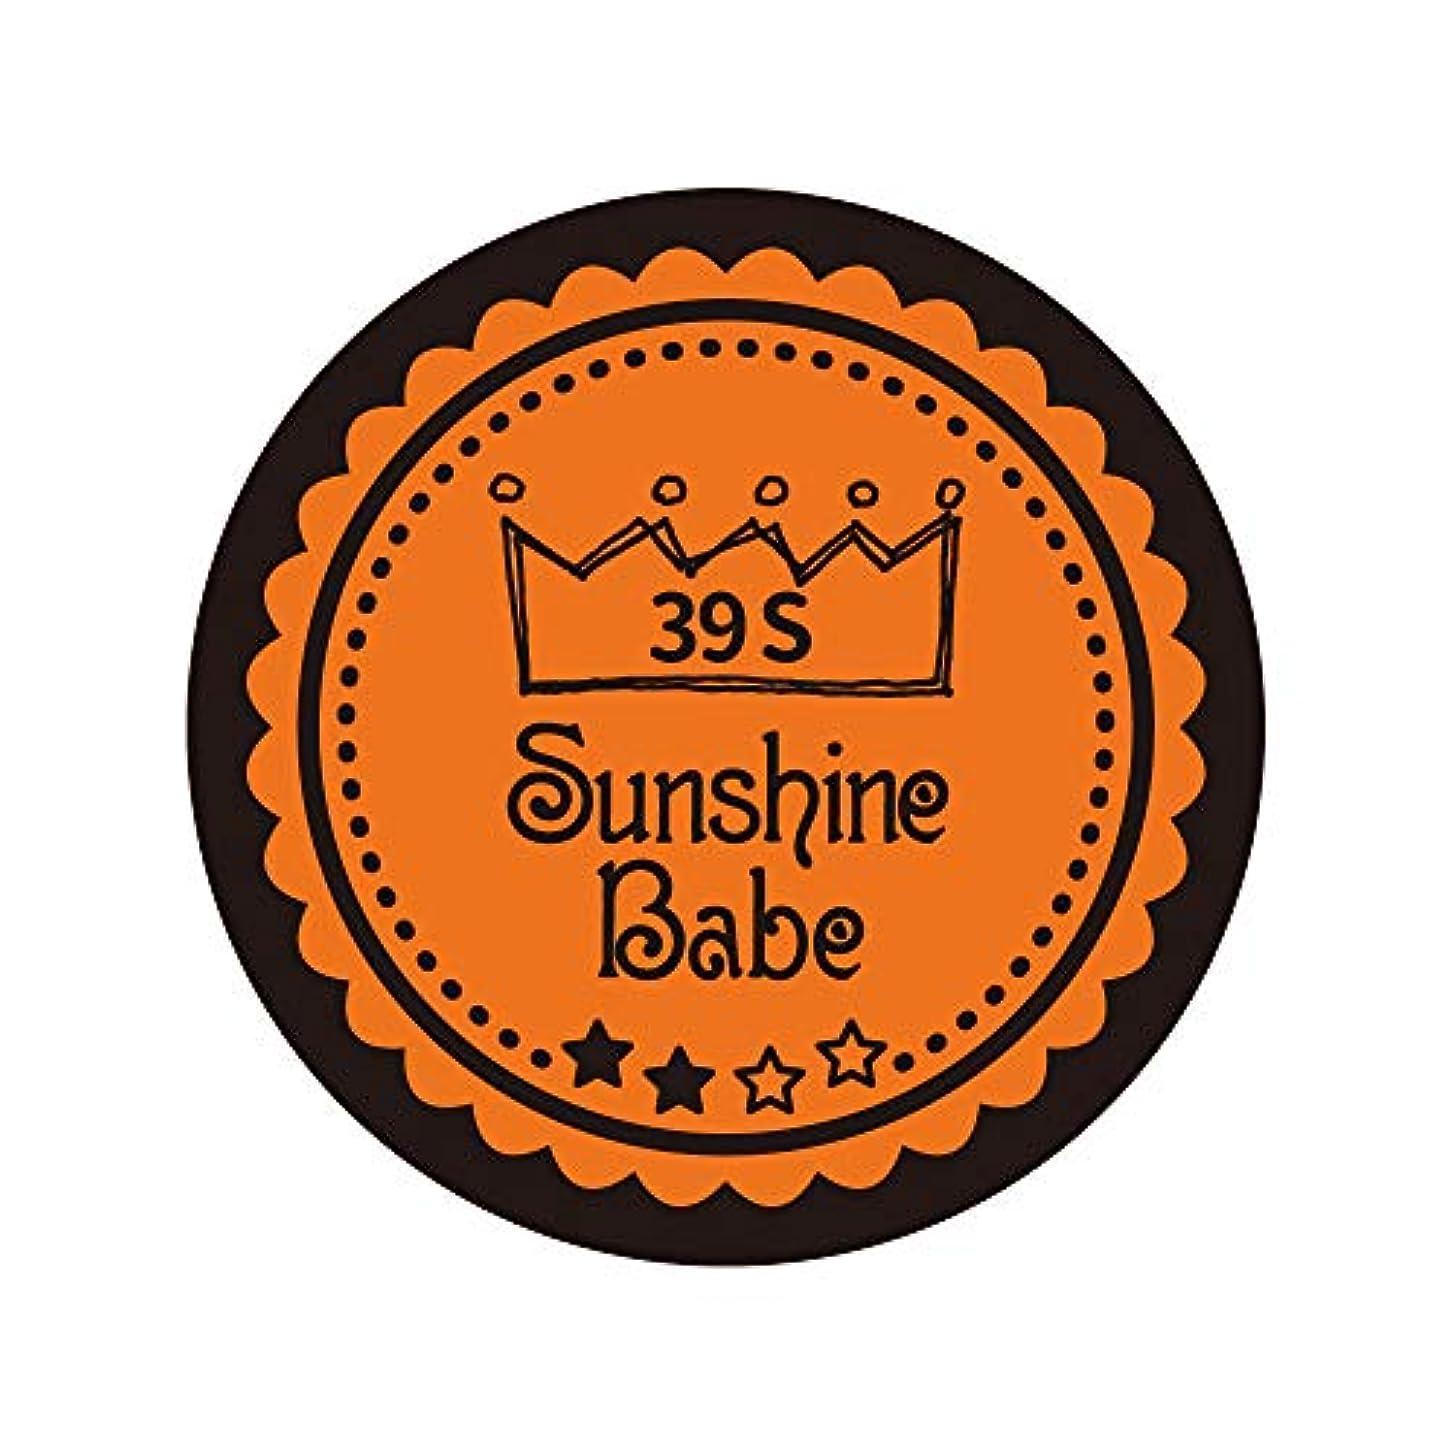 子孫膨らませる最大化するSunshine Babe カラージェル 39S ラセットオレンジ 2.7g UV/LED対応